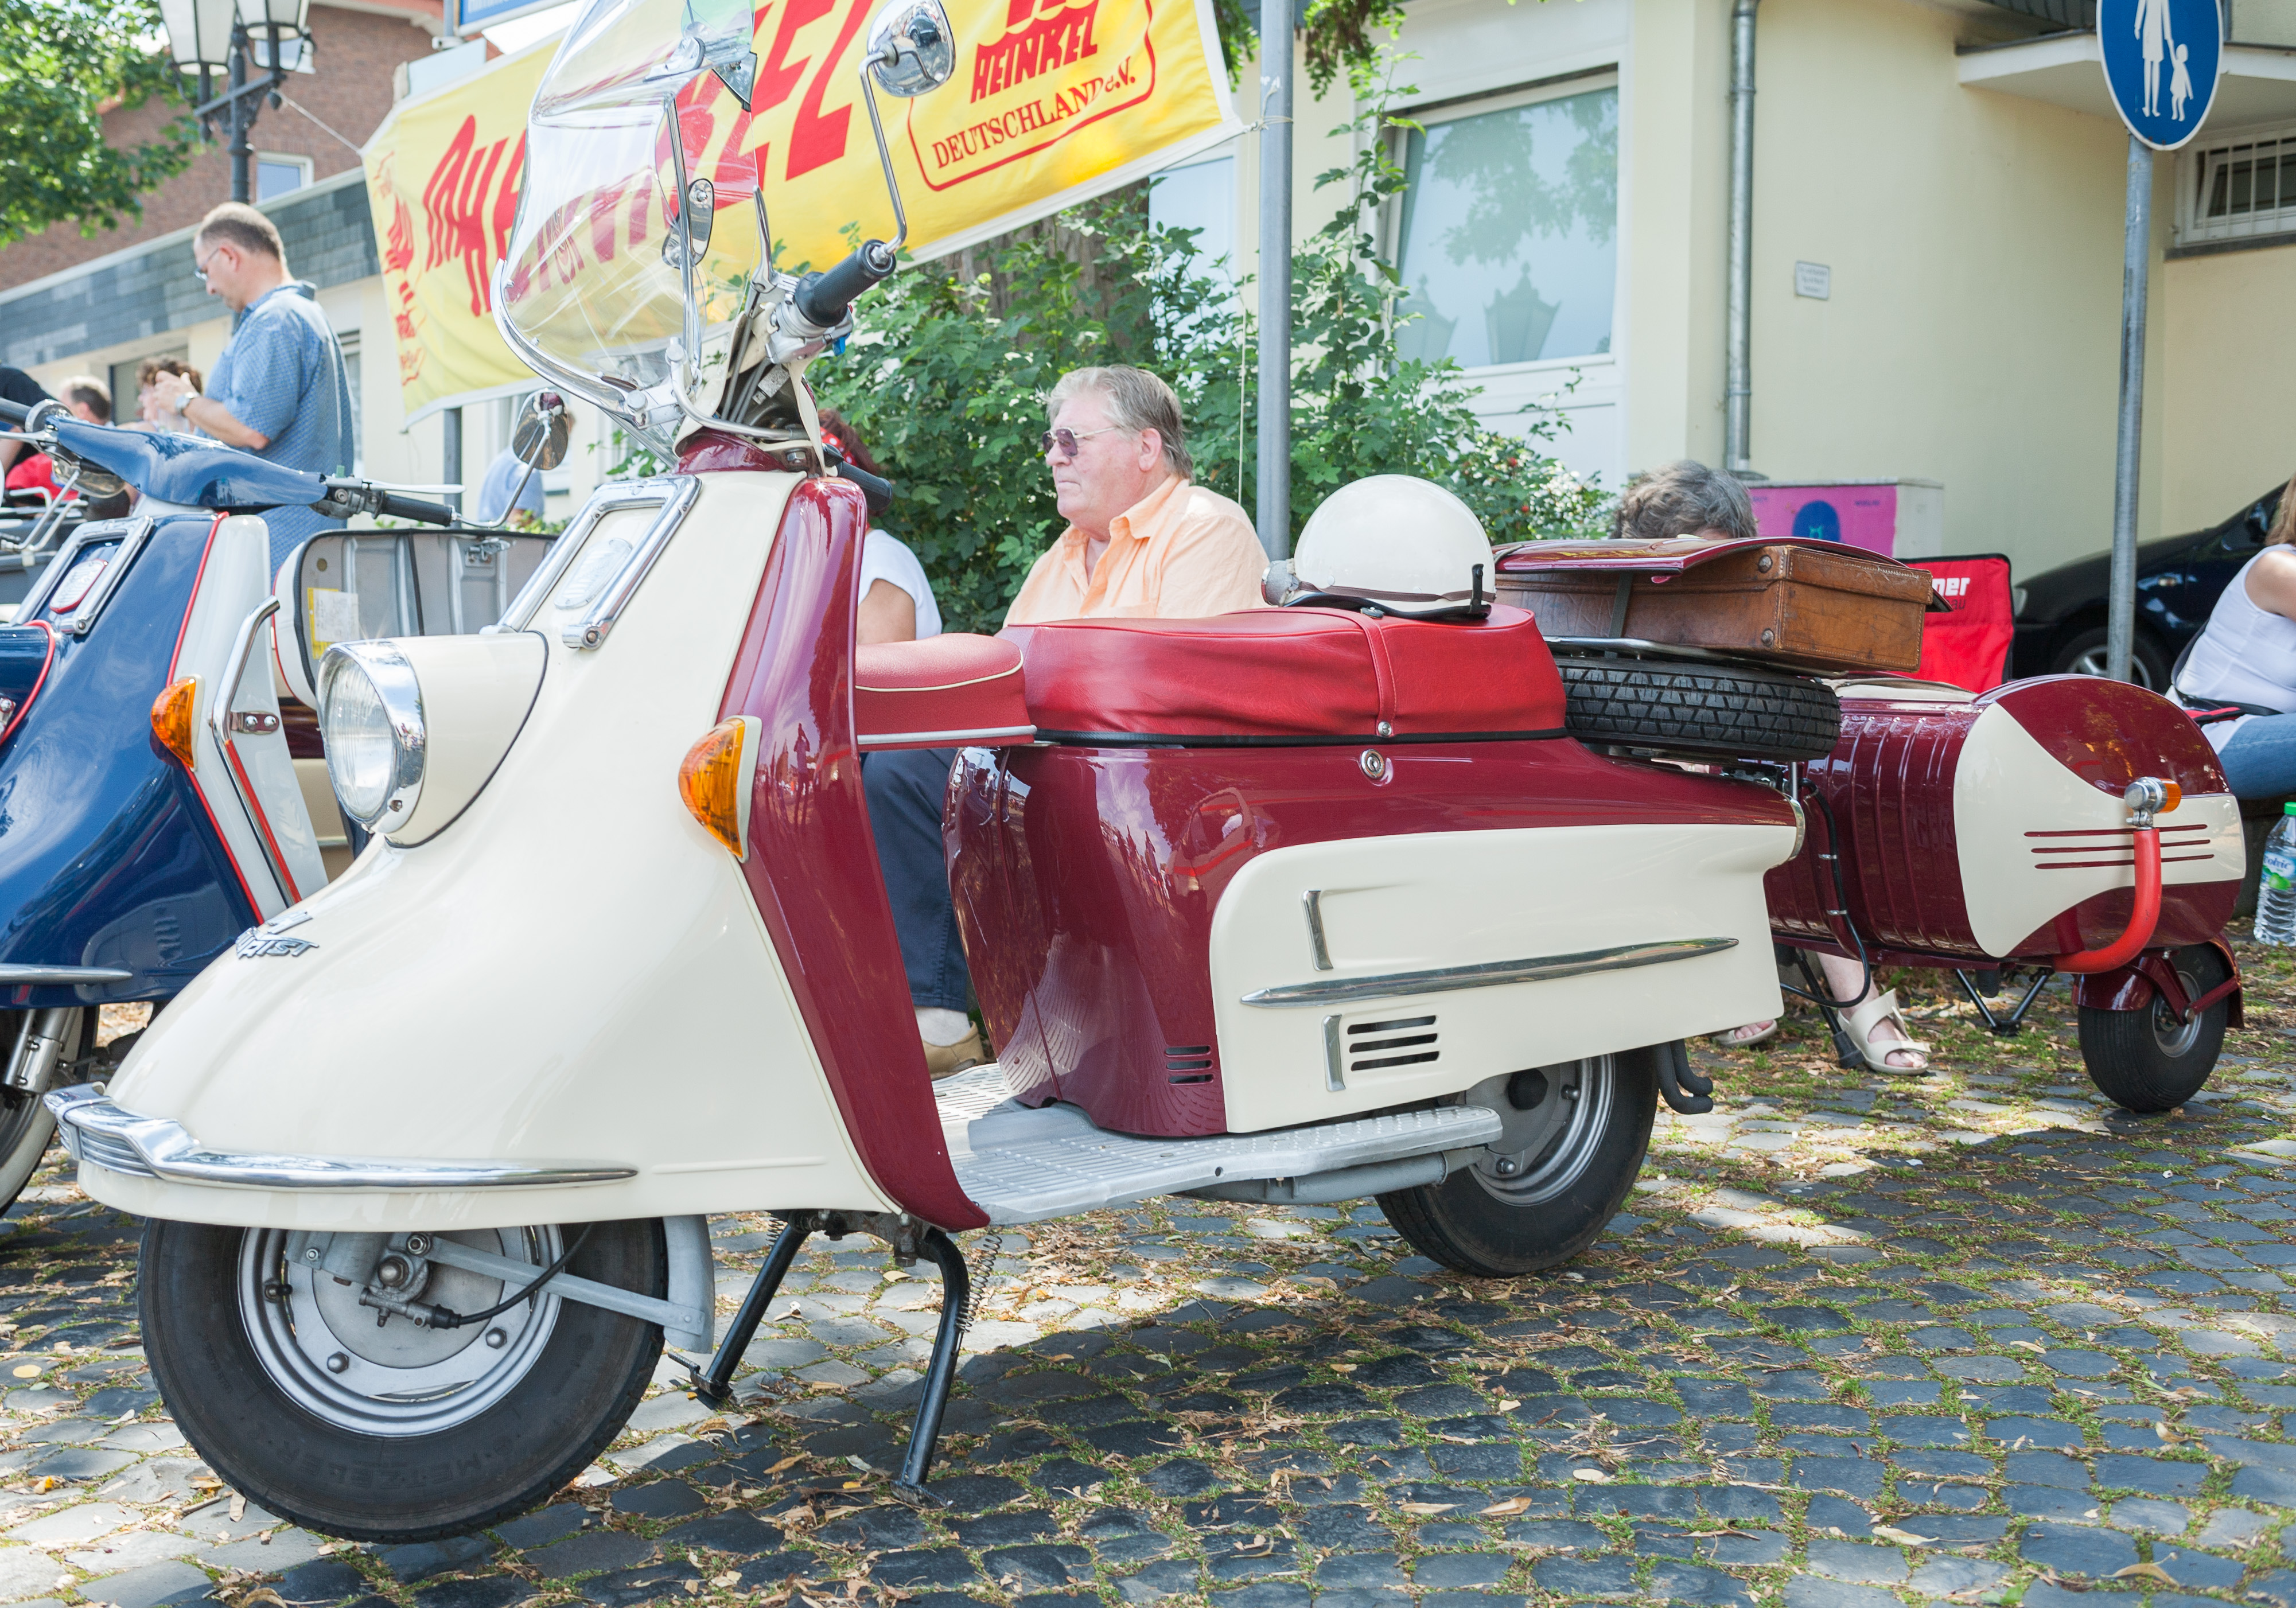 file 2007 07 15 motorroller heinkel tourist 103 a2 mit. Black Bedroom Furniture Sets. Home Design Ideas